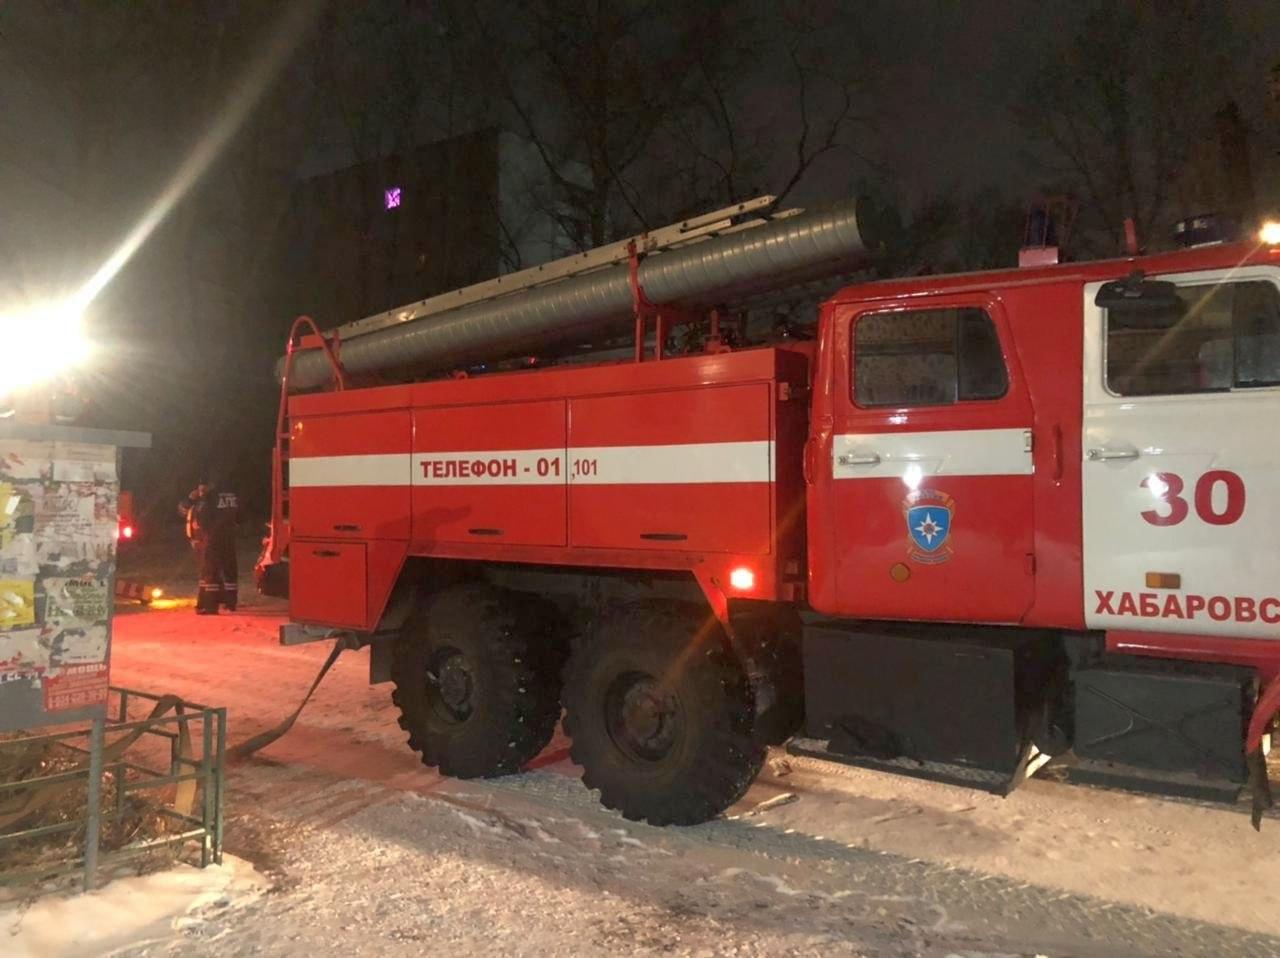 Пять человек погибли в ночном пожаре